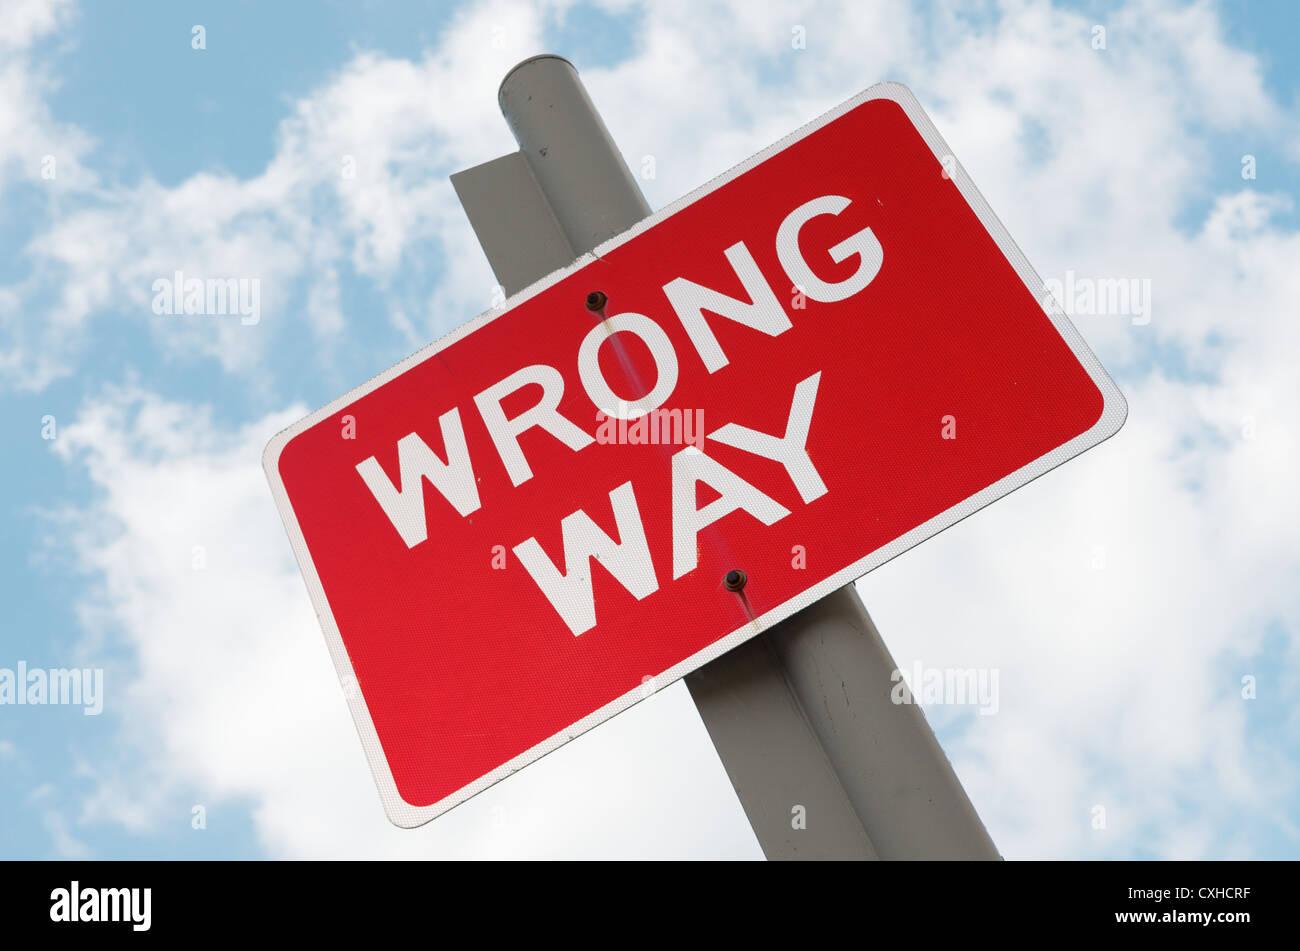 Wrong Way sign post - Stock Image